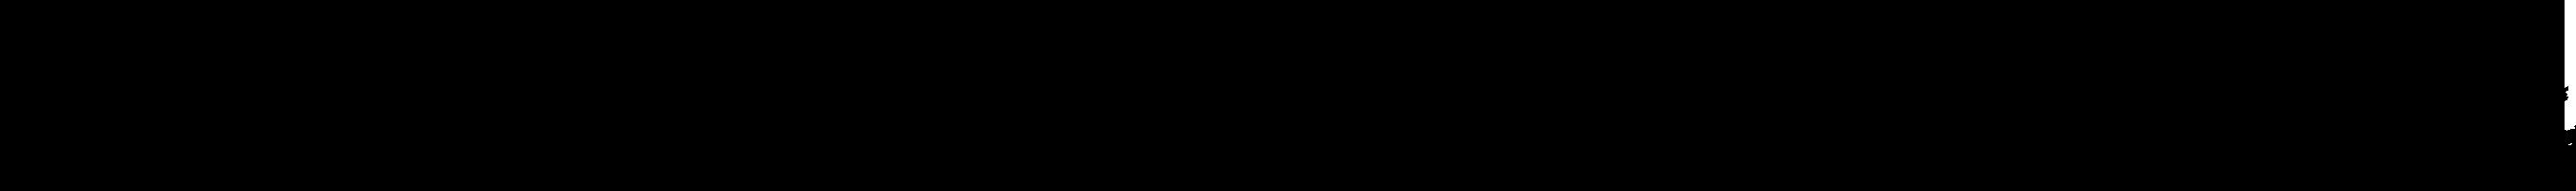 Leaf clipart black locust. Web design graphic lehigh